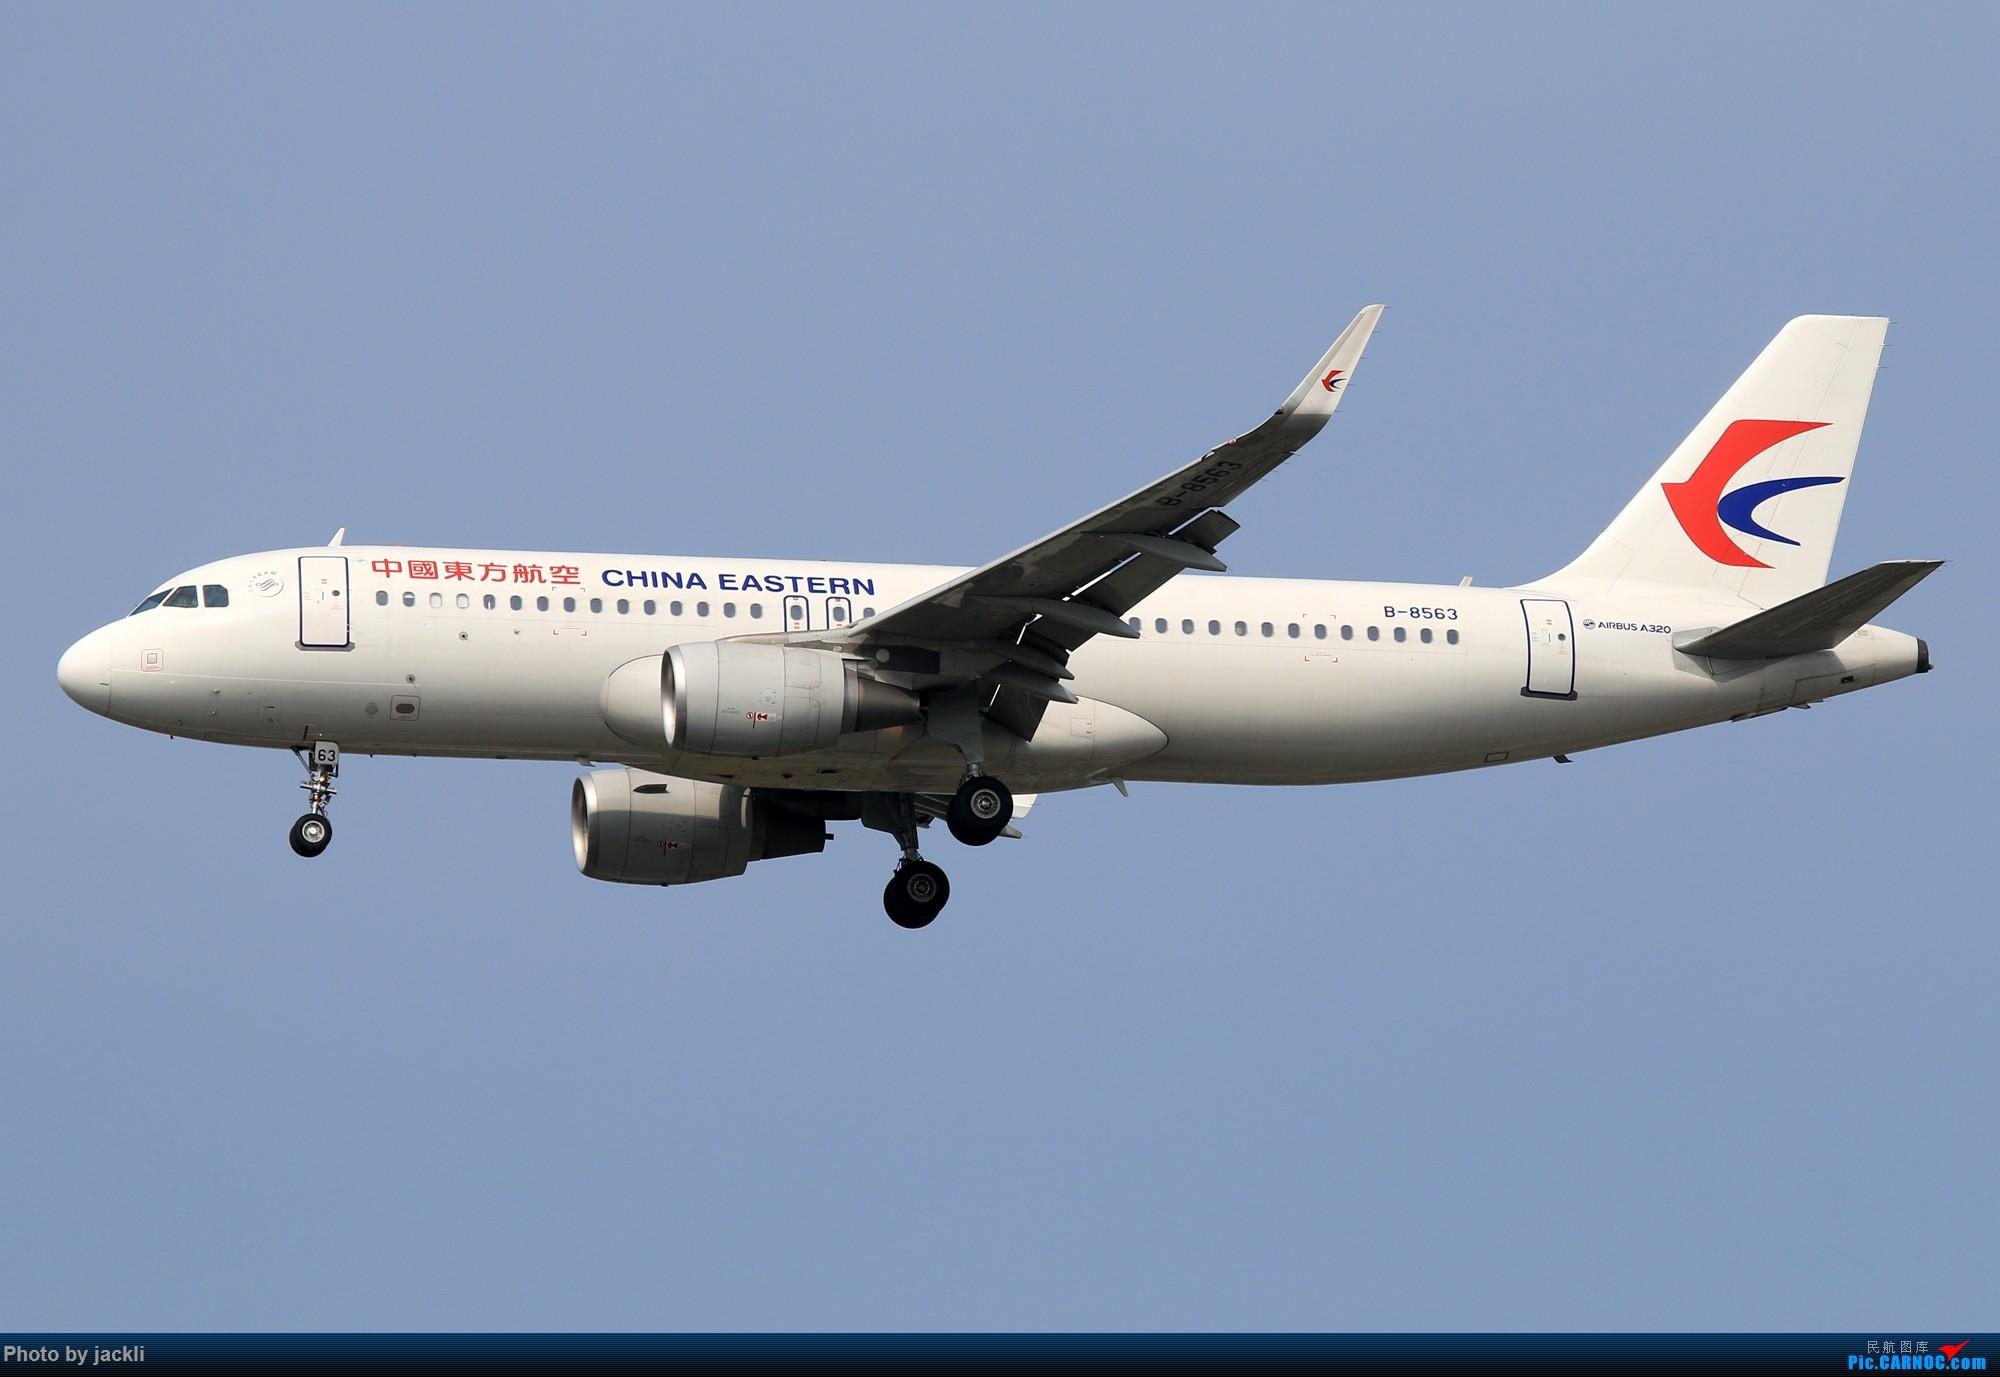 Re:[原创]【JackLi】泰国曼谷素万那普机场拍机~ AIRBUS A320-200 B-8563 泰国曼谷素万那普国际机场